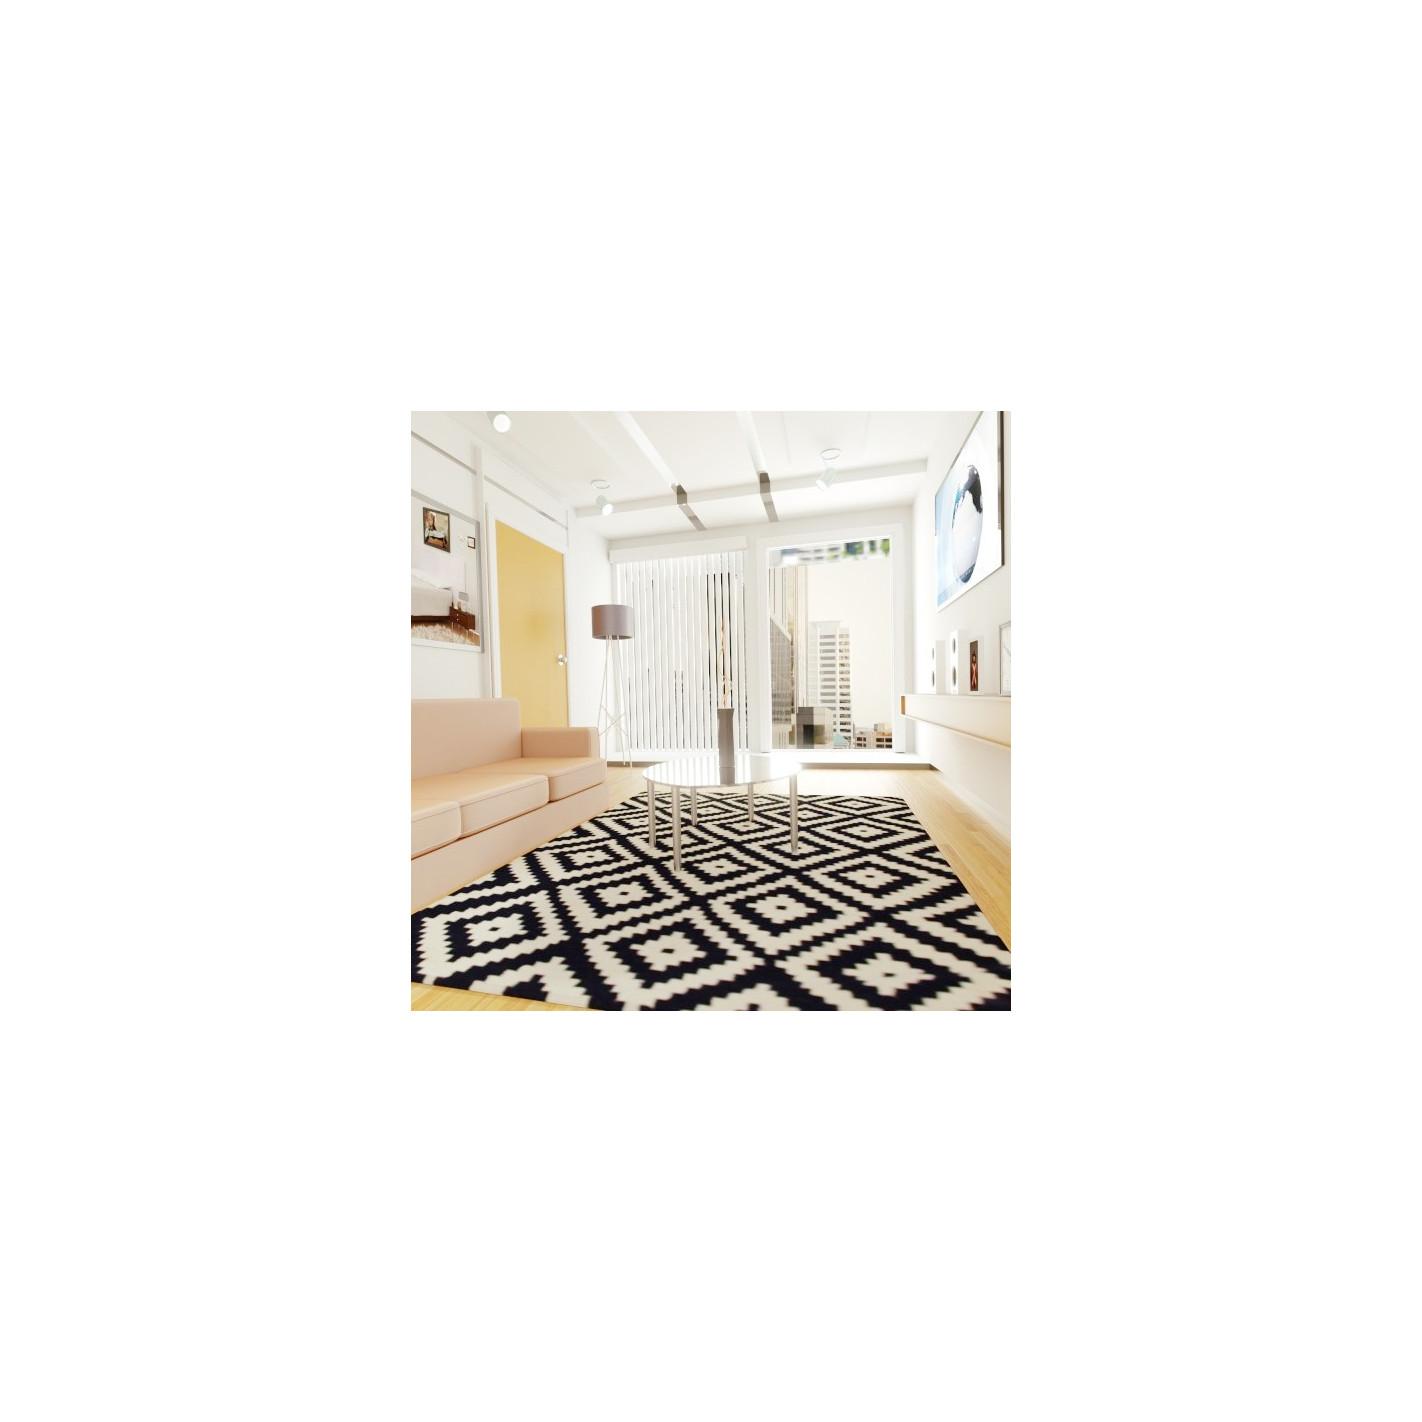 tapis style scandinave bleu et blanc. Black Bedroom Furniture Sets. Home Design Ideas